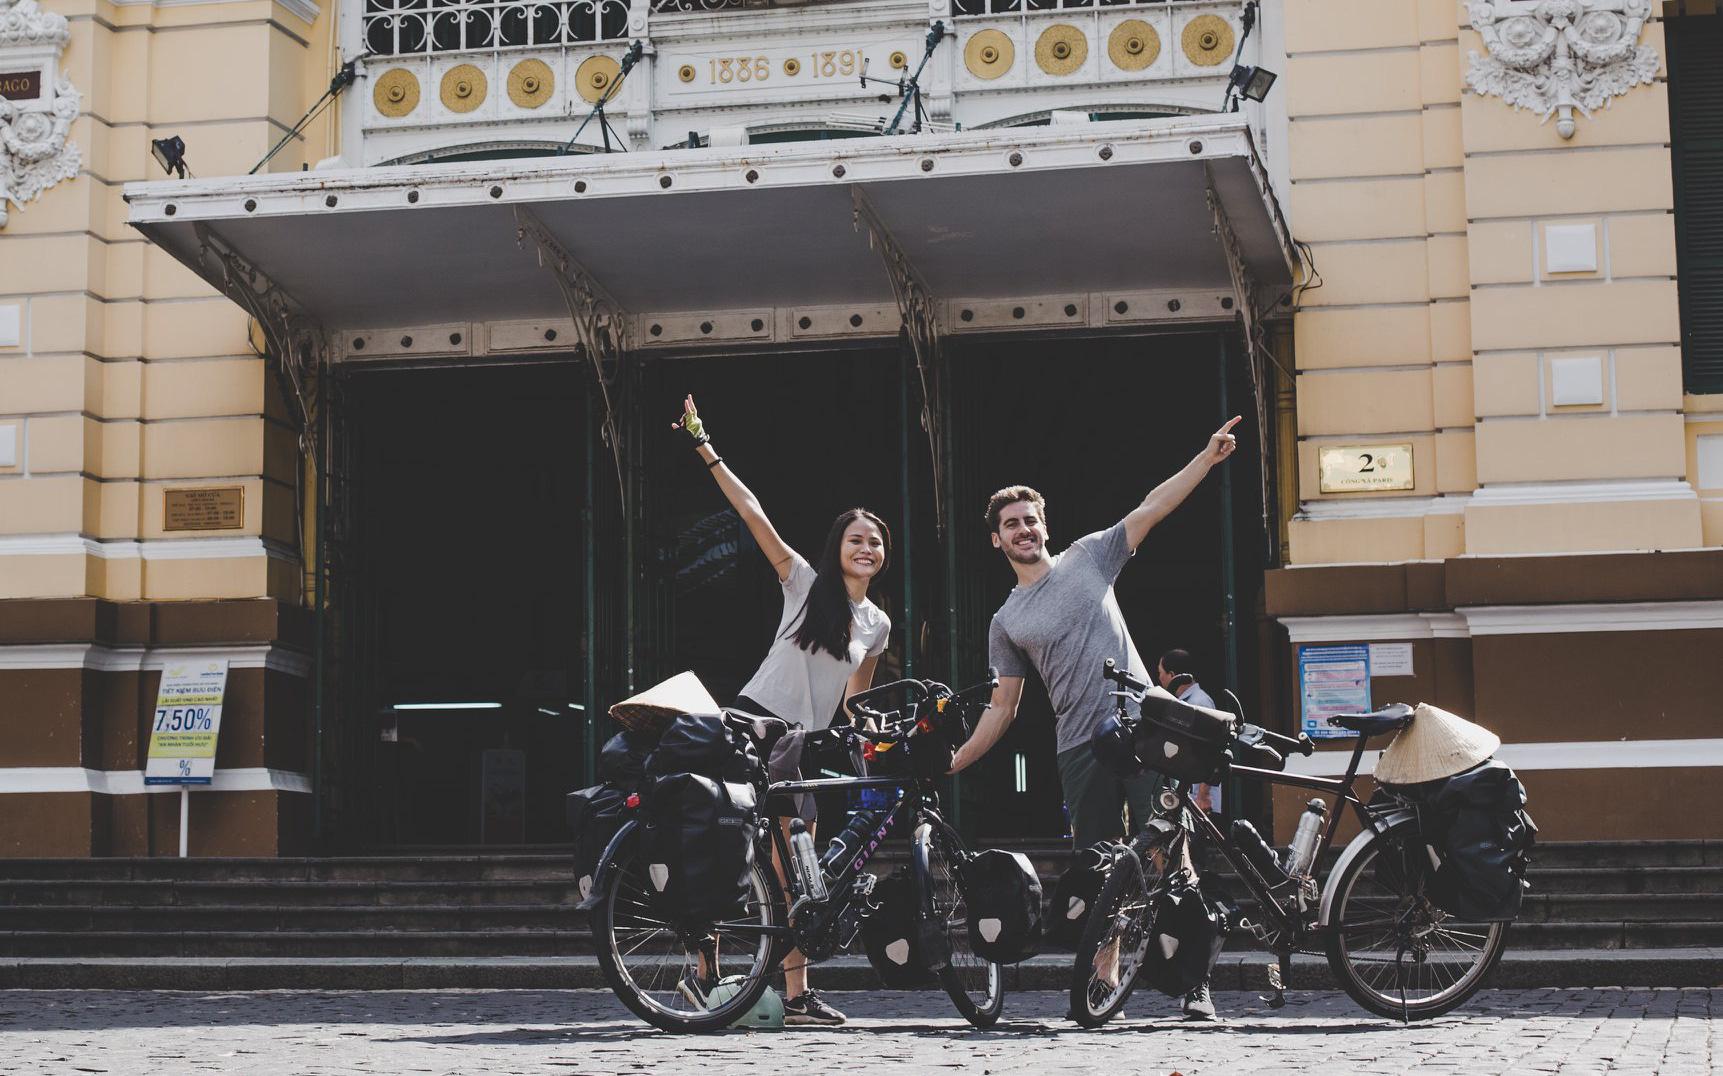 Cặp chồng Tây vợ Việt kết thúc 16.000km đạp xe từ Pháp về Việt Nam: Chặng cuối gian nan vì dịch bệnh Covid-19